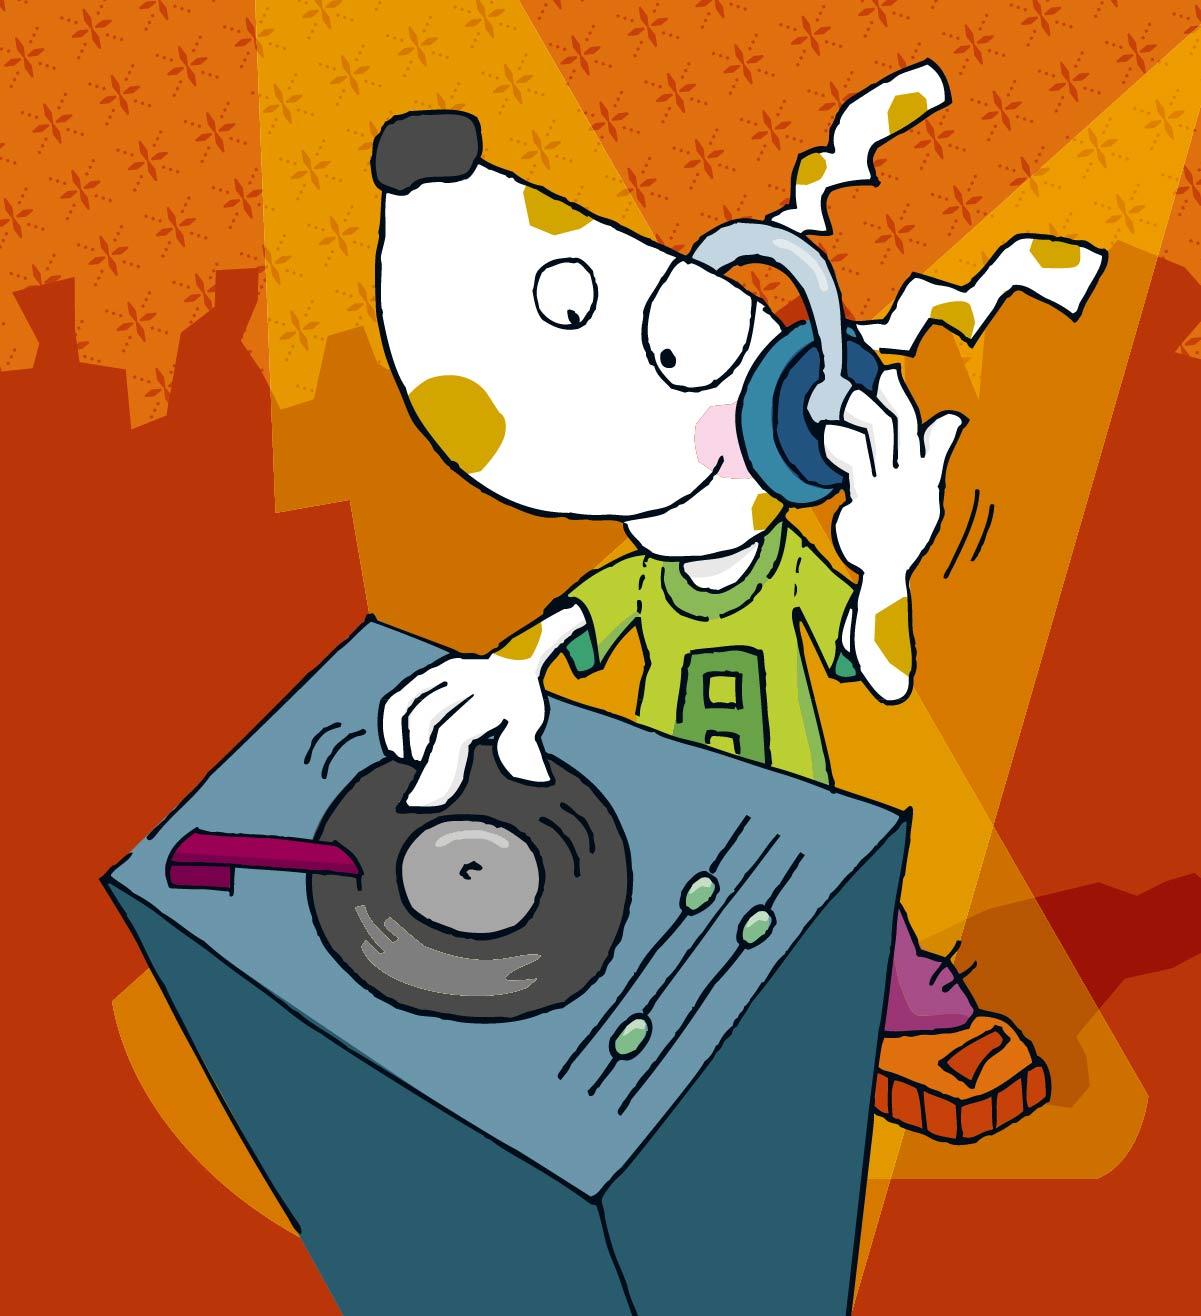 Handzeichnung Wiesbaden DJ Hund WI & You Stadtjugendamt Ferienangebot Kinder Comic coloriert bunt Programmheft